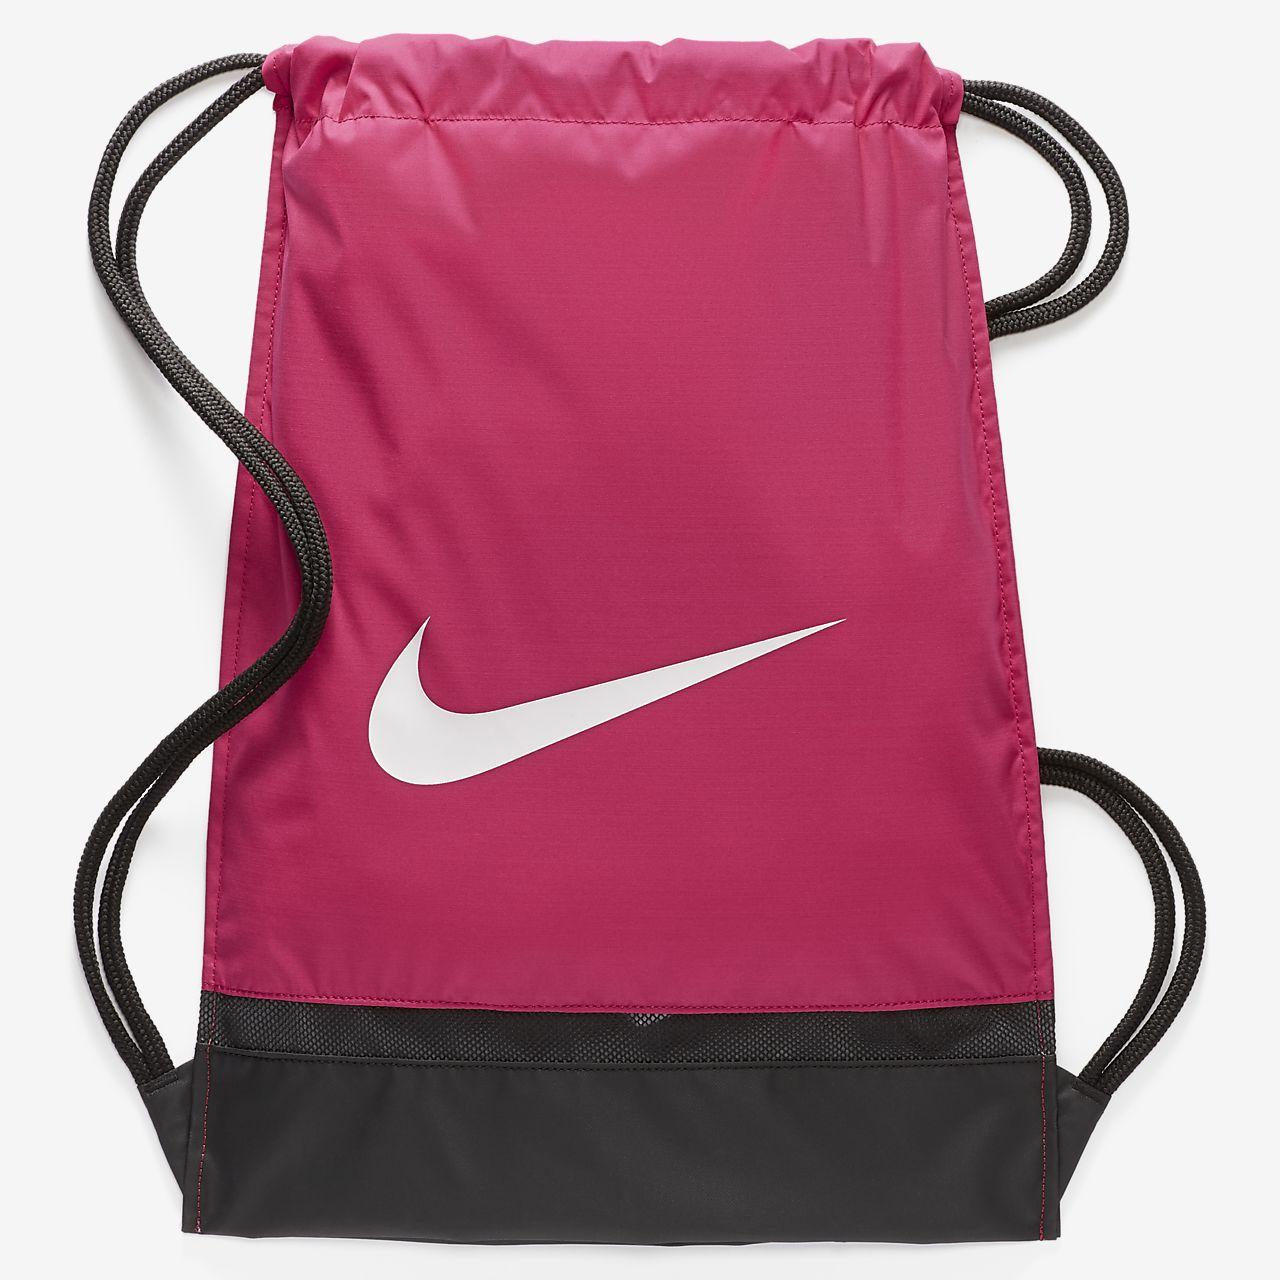 Σακίδιο γυμναστηρίου και προπόνησης Nike Brasilia